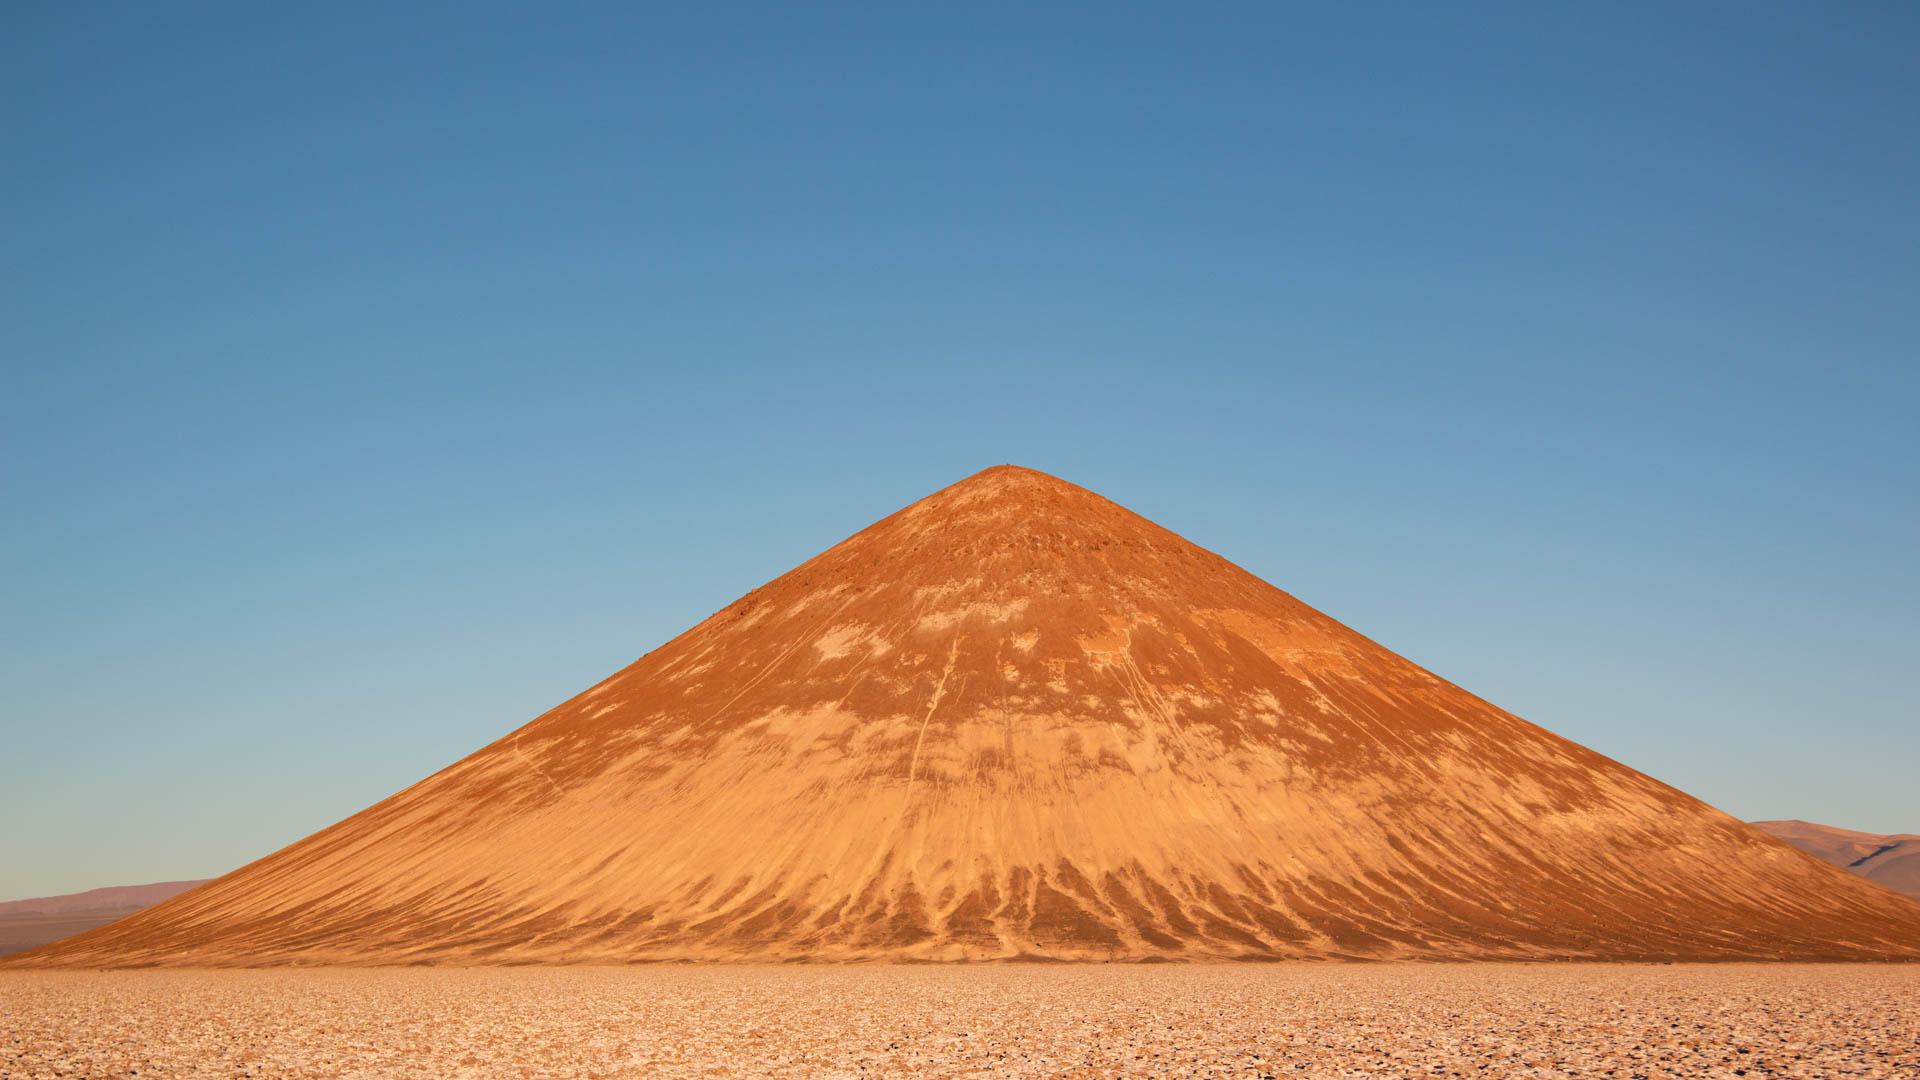 El cono de Arita teñido de naranja por las luces del atardecer. Lo enmarca el salar de Arizaro.